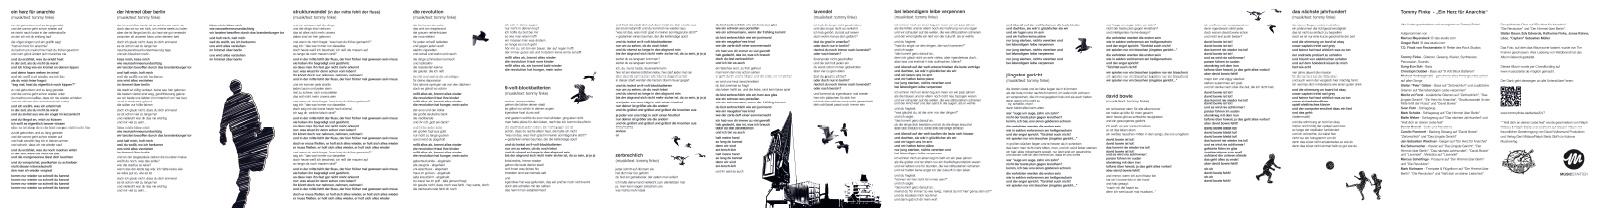 album cover cd design illustration